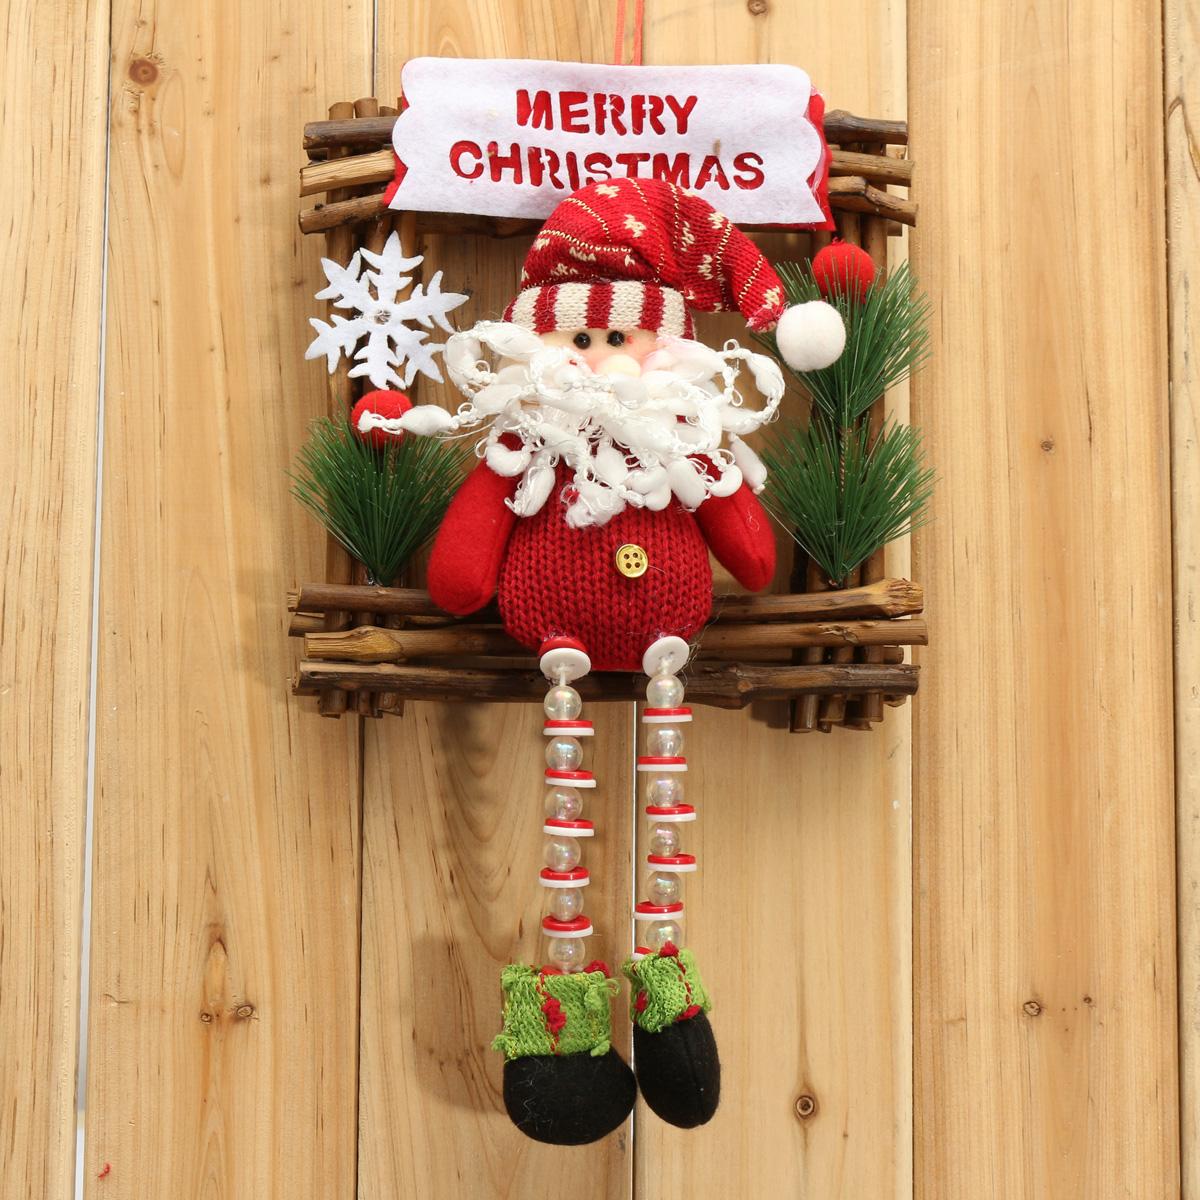 #AD1E21 Père Noël Santa Suspendu Pr Arbre Sapin De Noël Ornement  5319 decorations de noel a vendre 1200x1200 px @ aertt.com